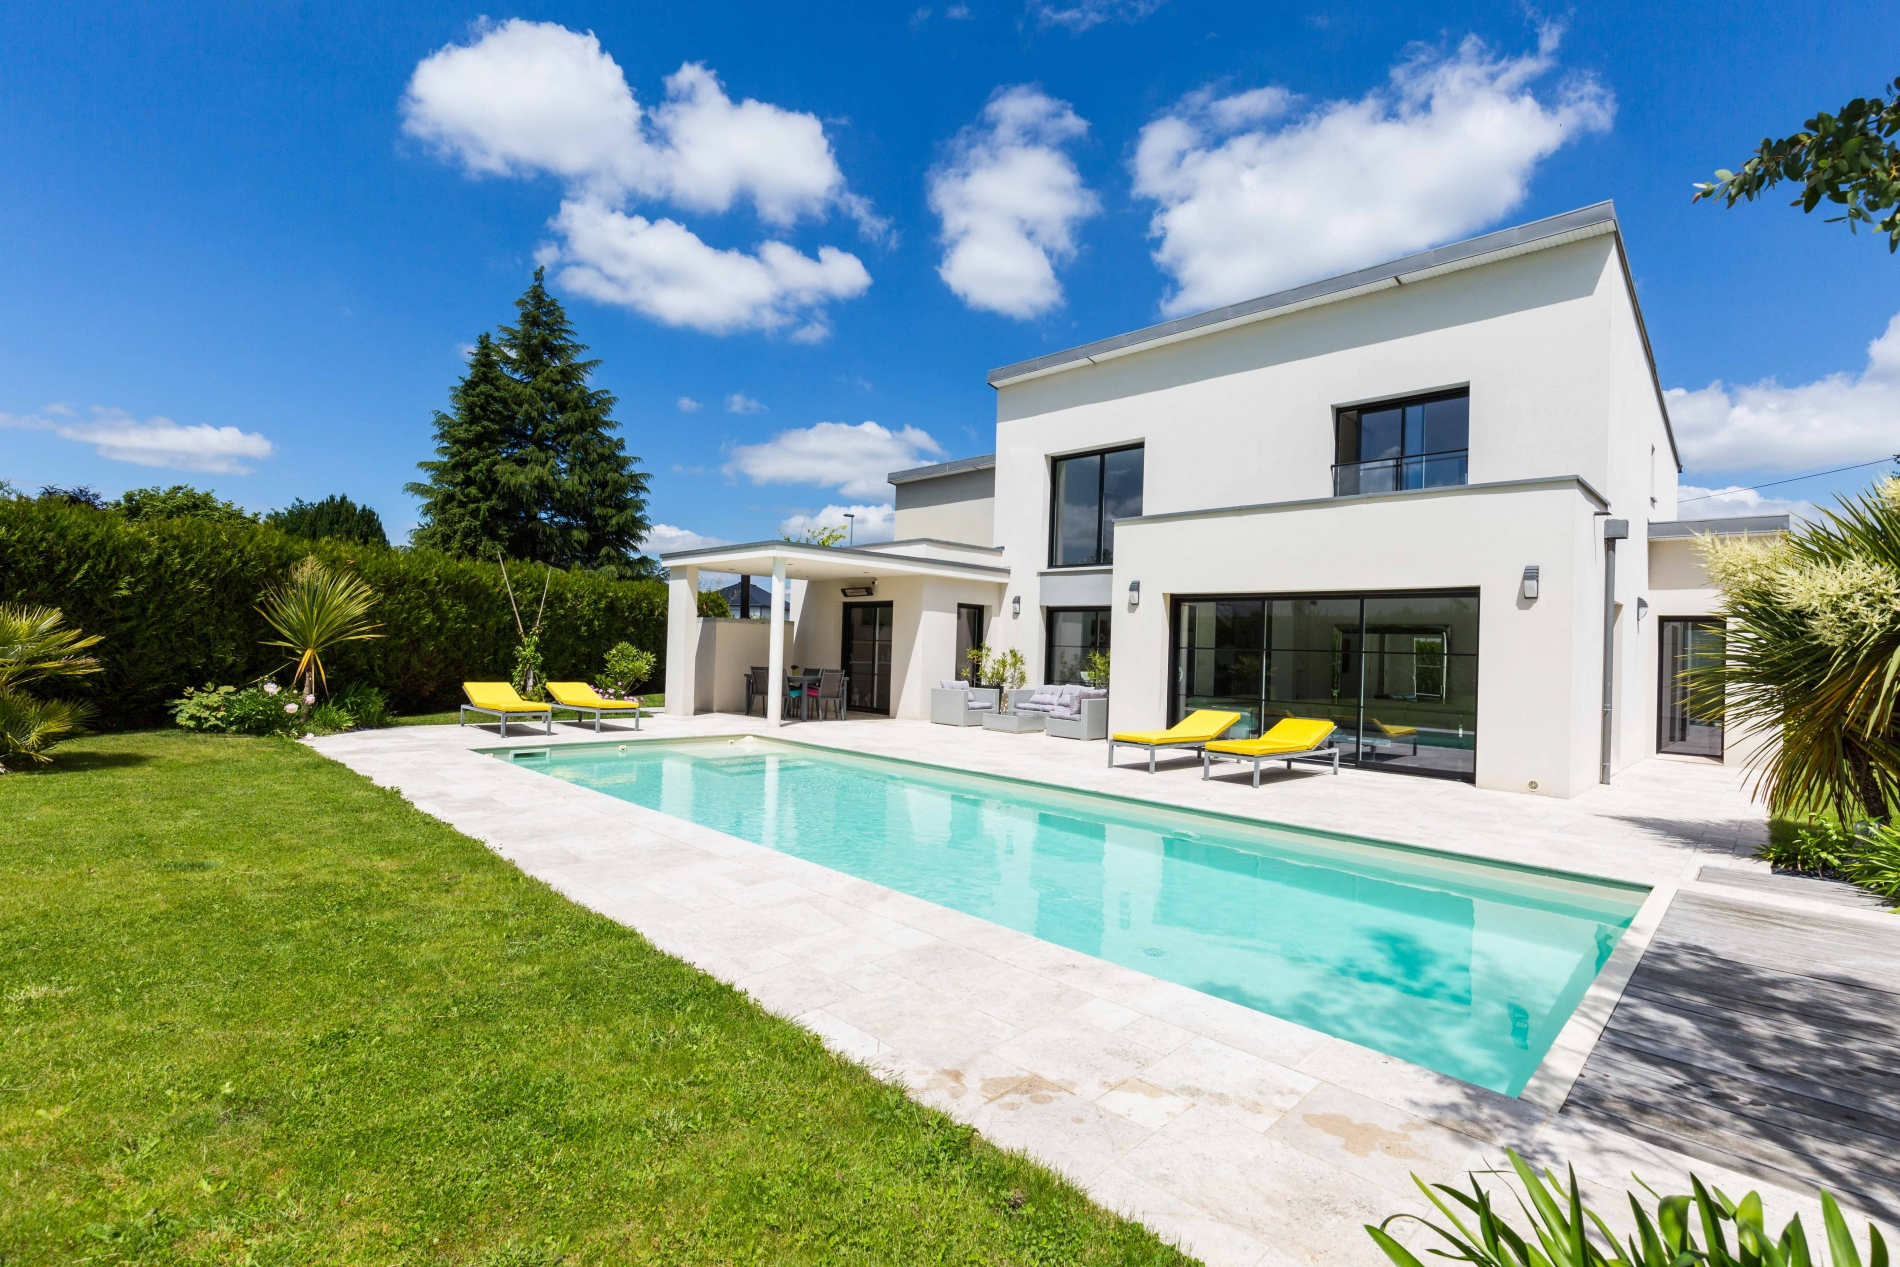 Maison Architecte Cesson Sevigne 190 M2, 5 Chambres | Blot ... dedans Piscine De Cesson